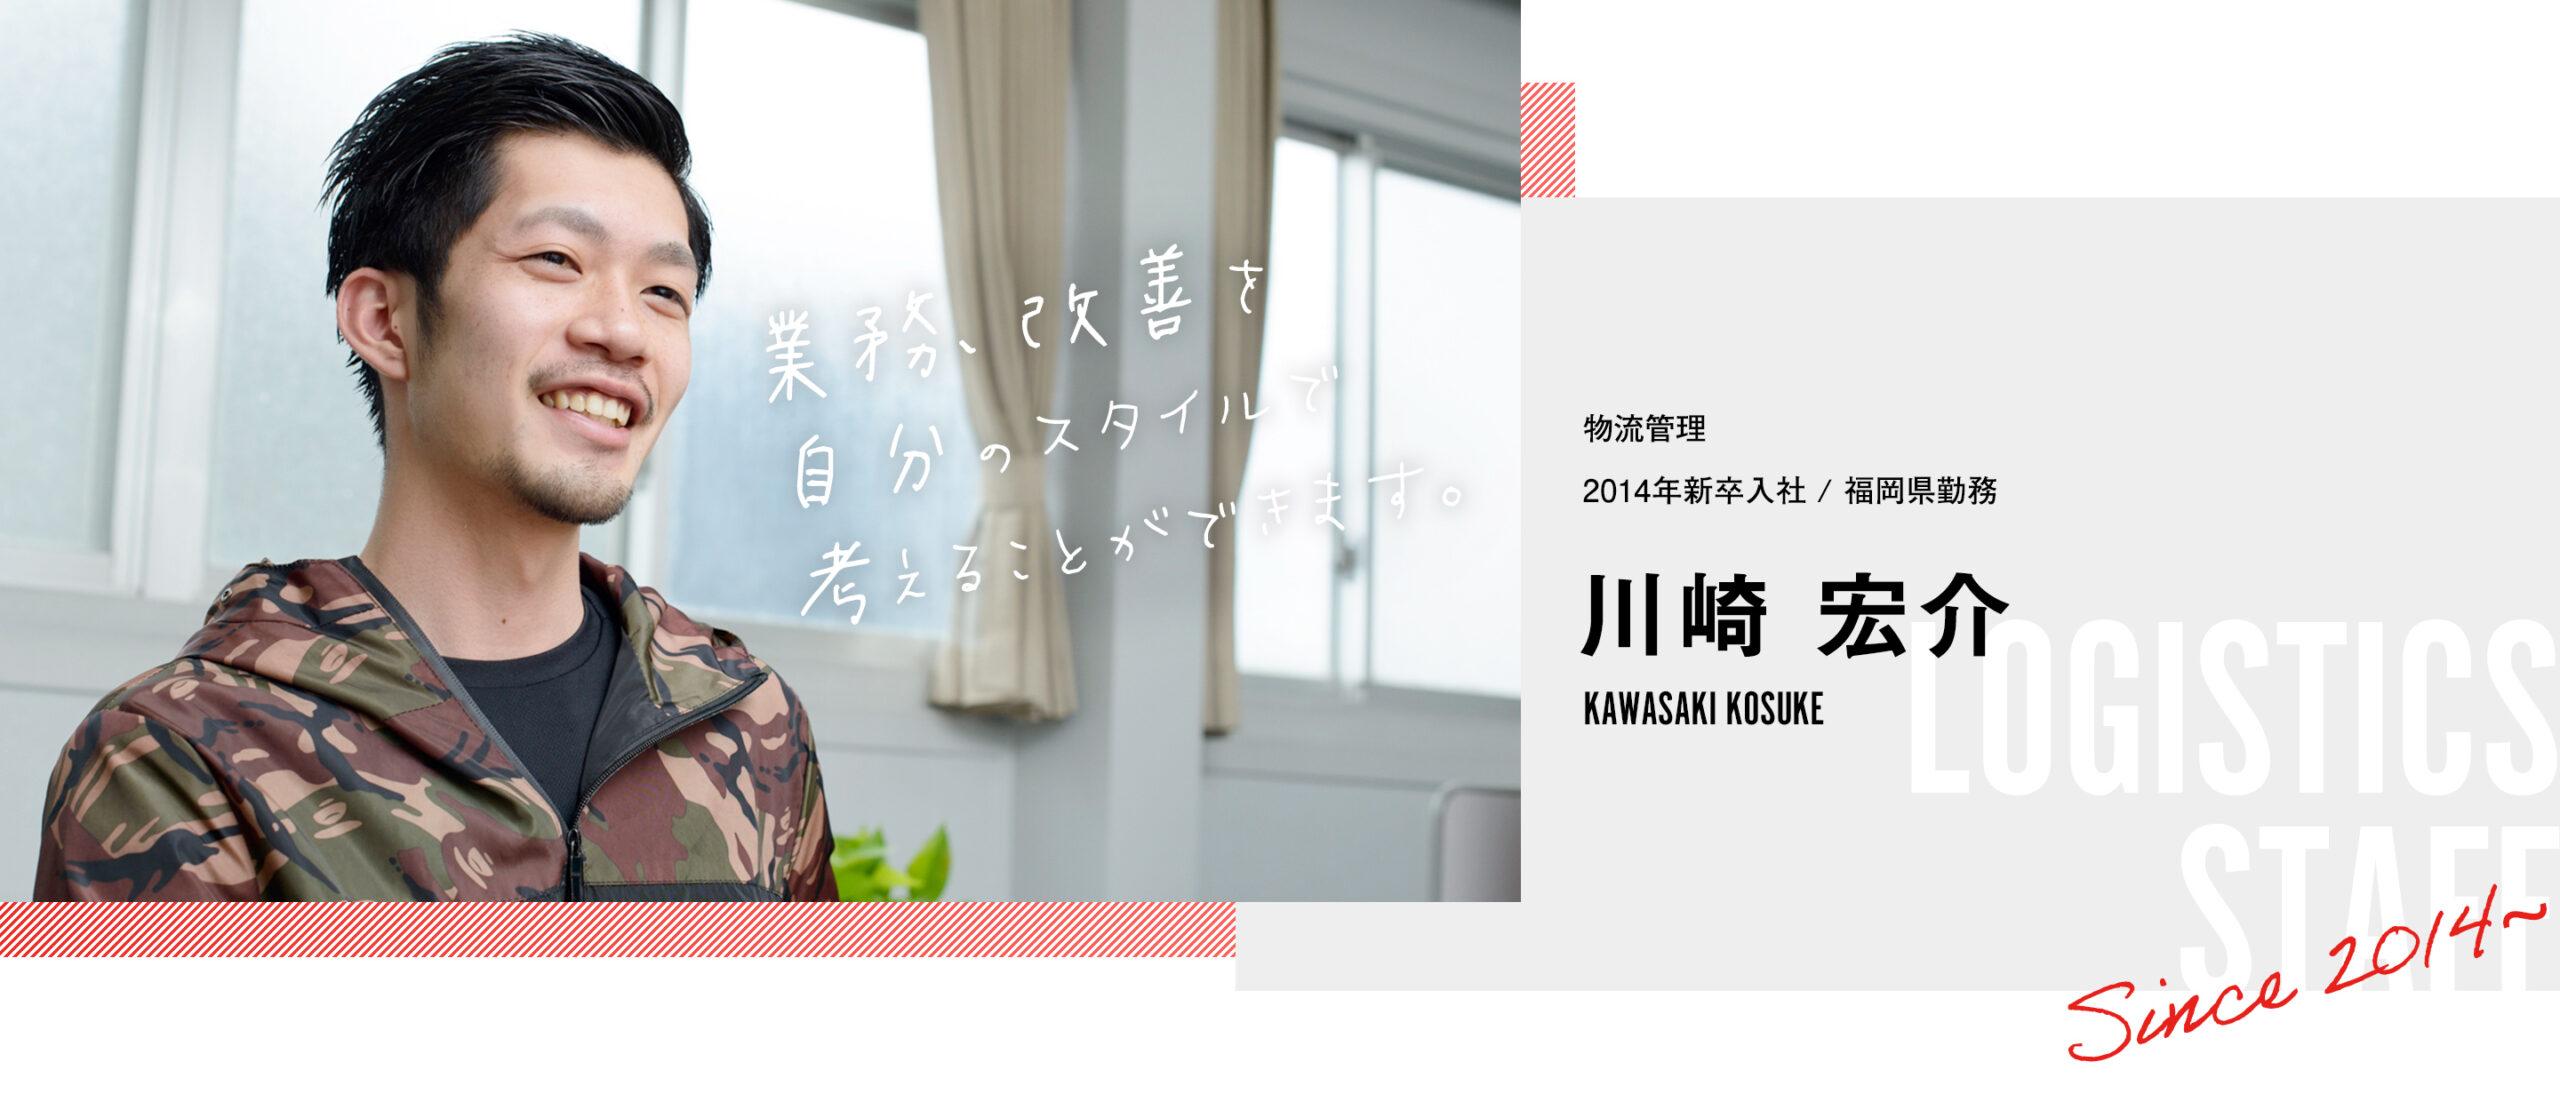 川崎 宏介